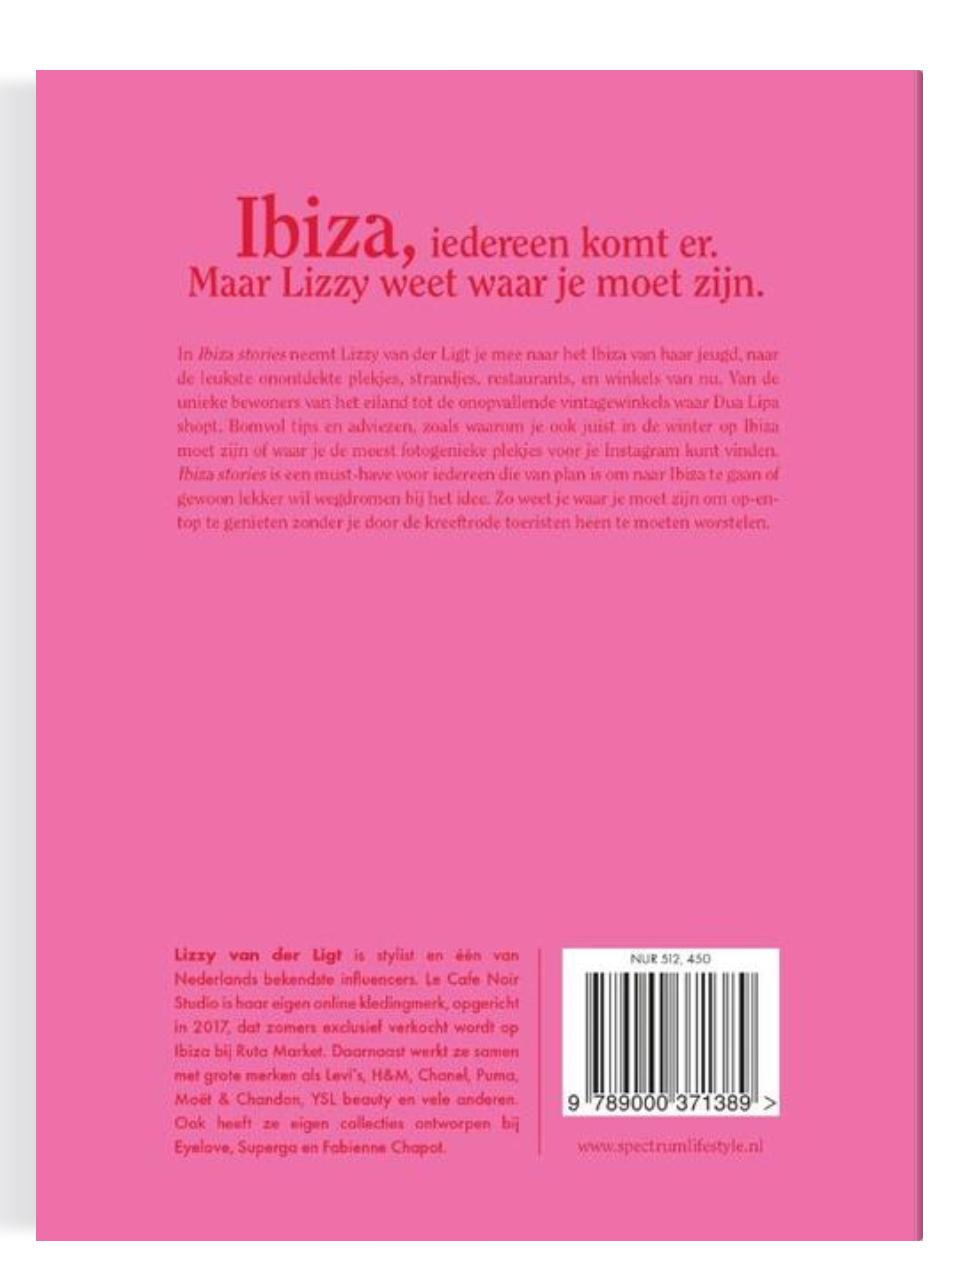 Boek Ibiza Stories - Lizzy van der Ligt-2